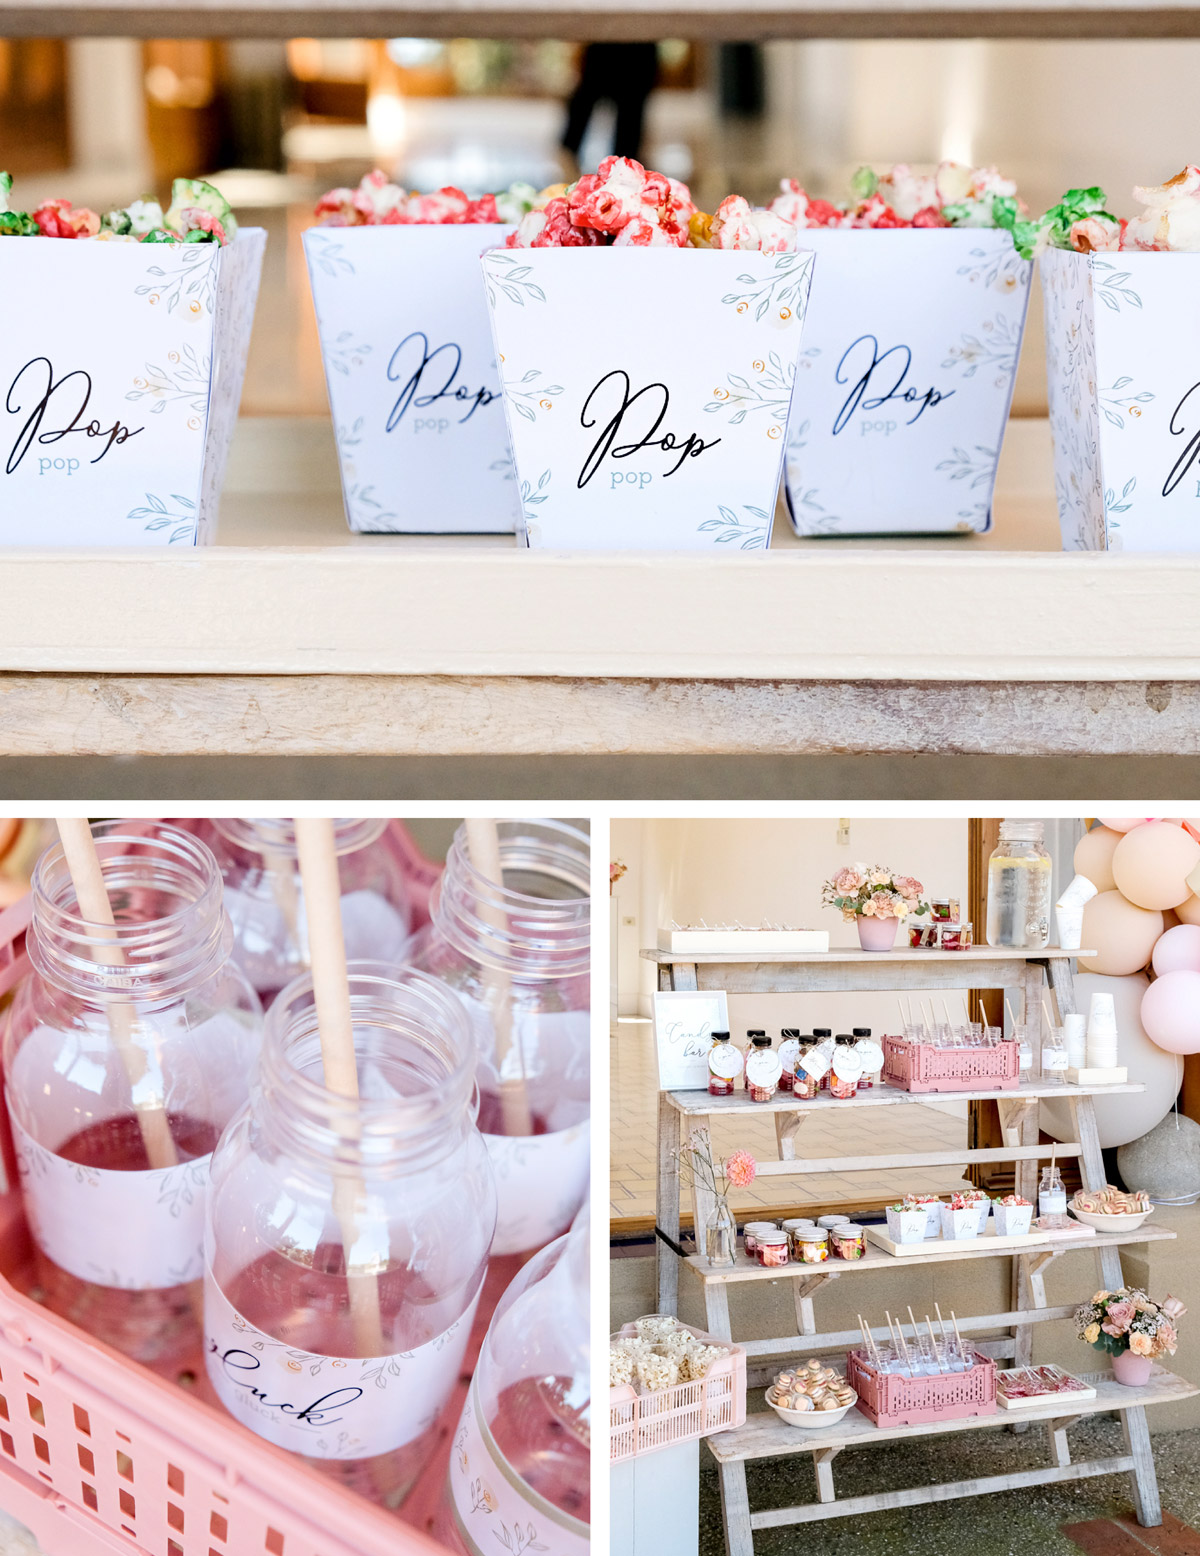 Imprimible para hacer decoración de una mesa dulce para una fiesta de Primera Comunión